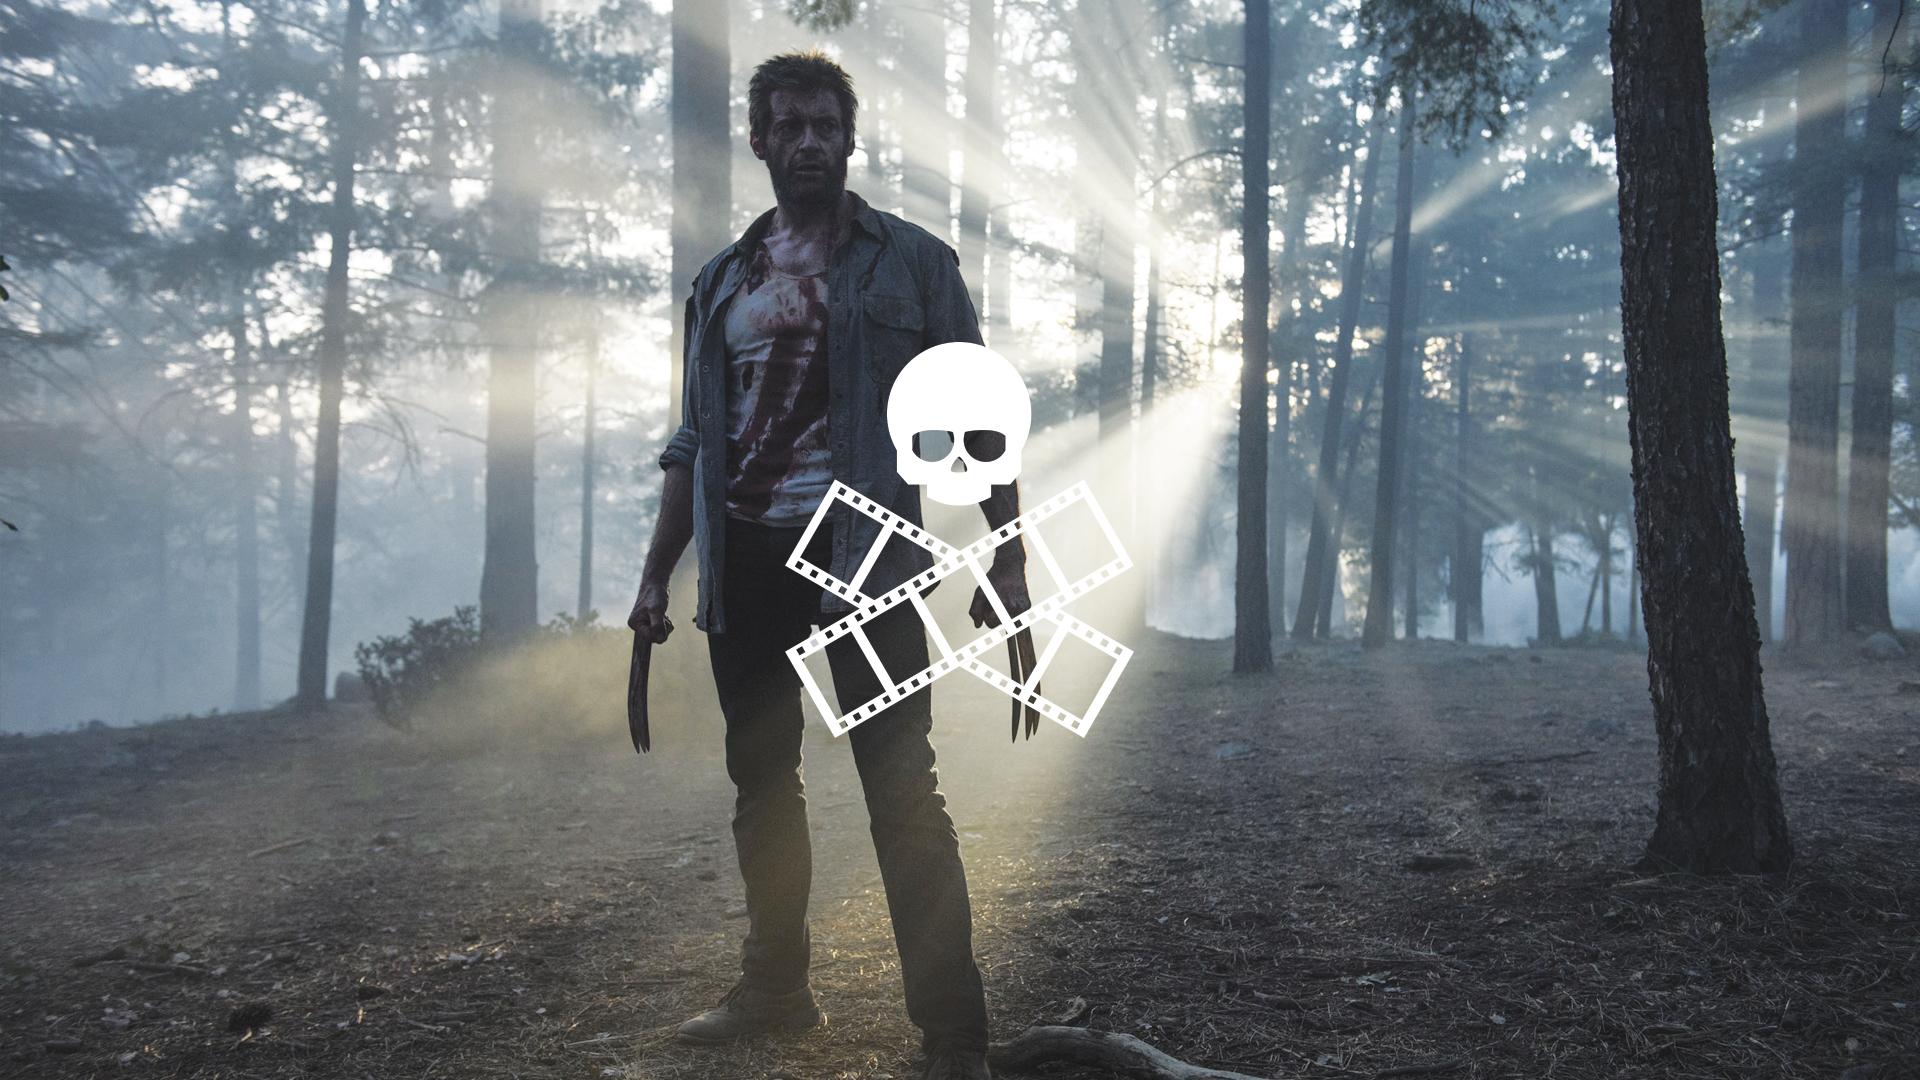 94. Logan